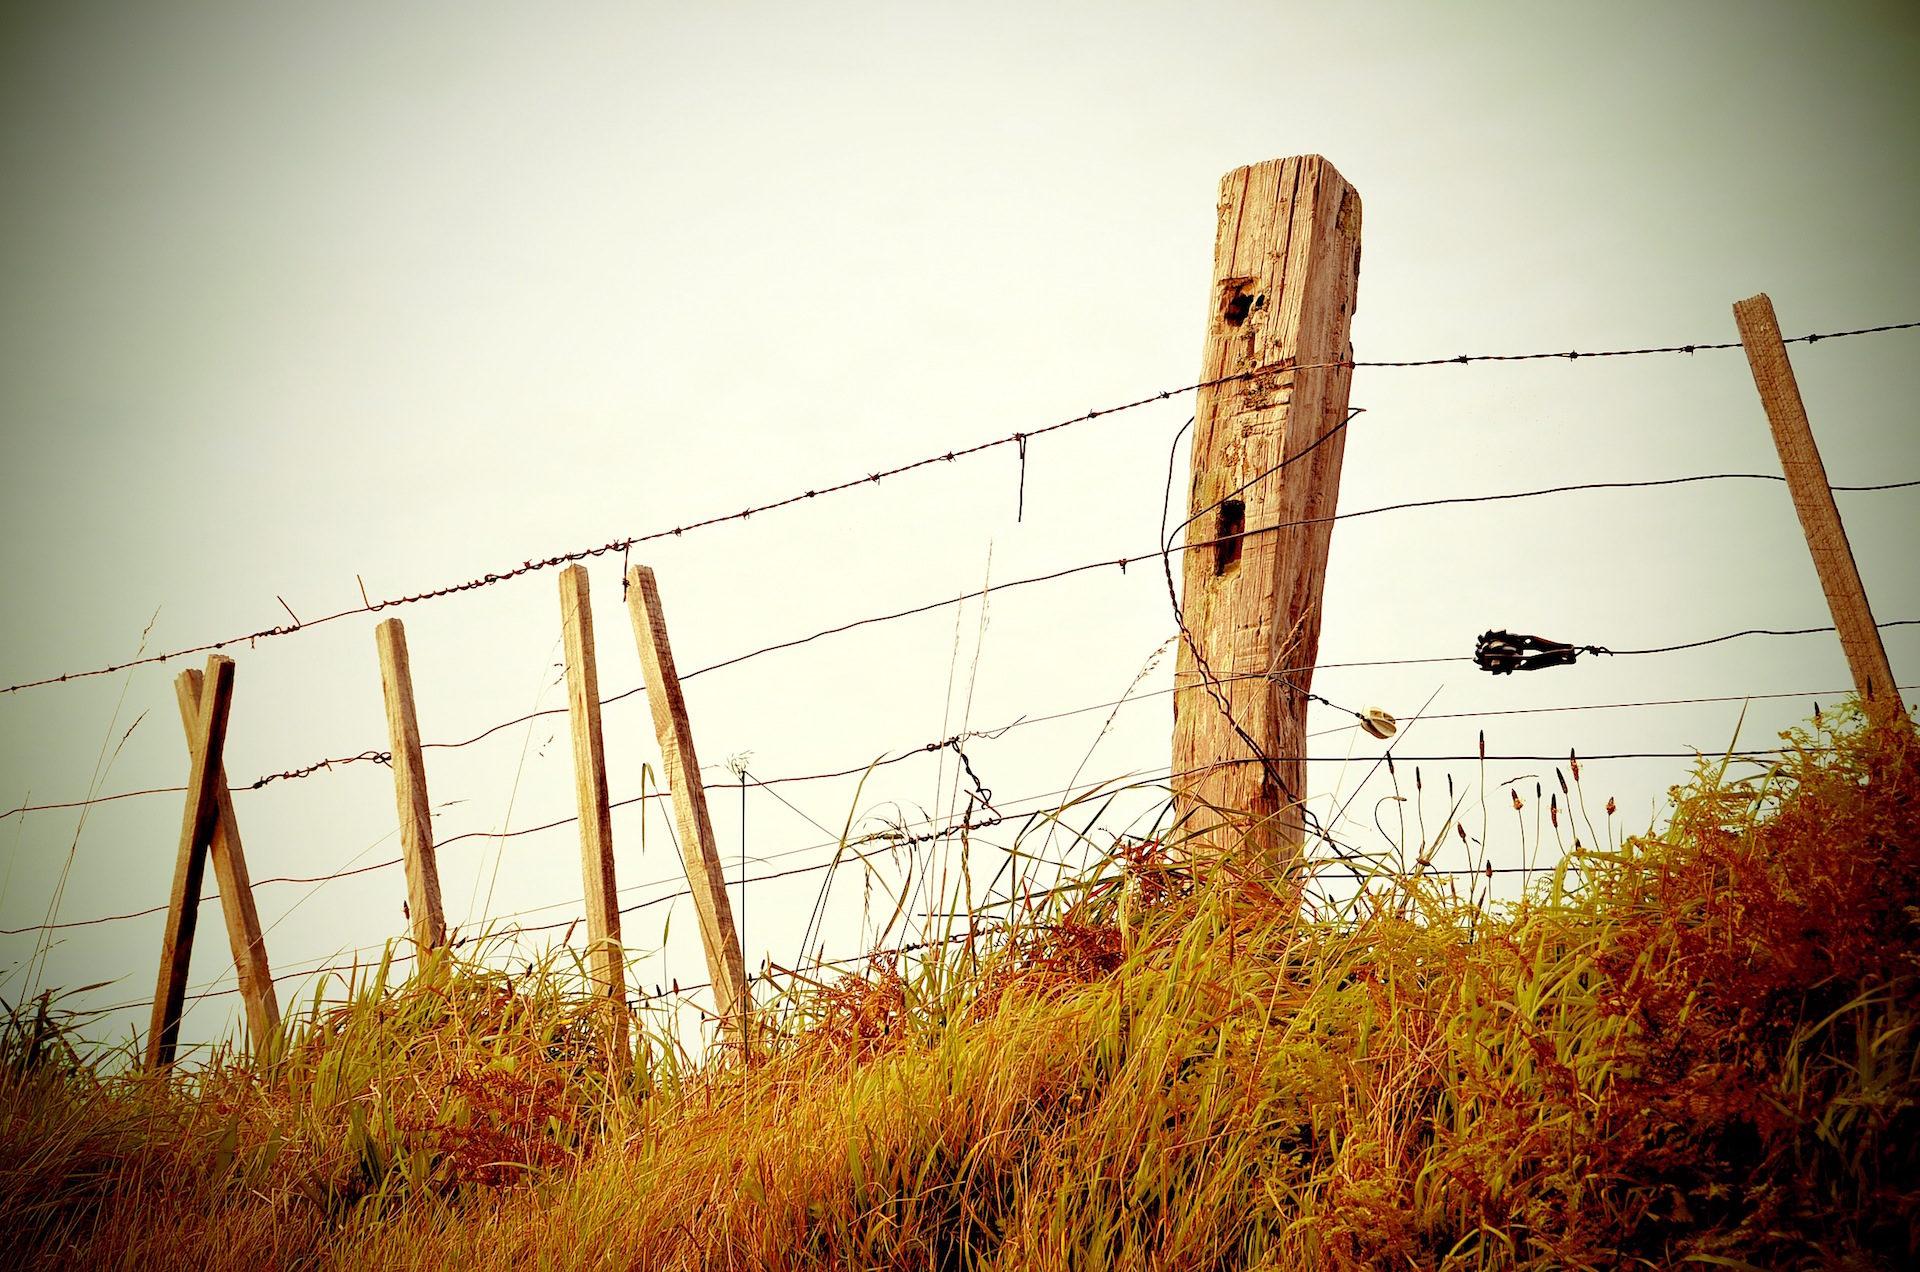 栅栏, 关闭, 电线, 破碎, 老 - 高清壁纸 - 教授-falken.com